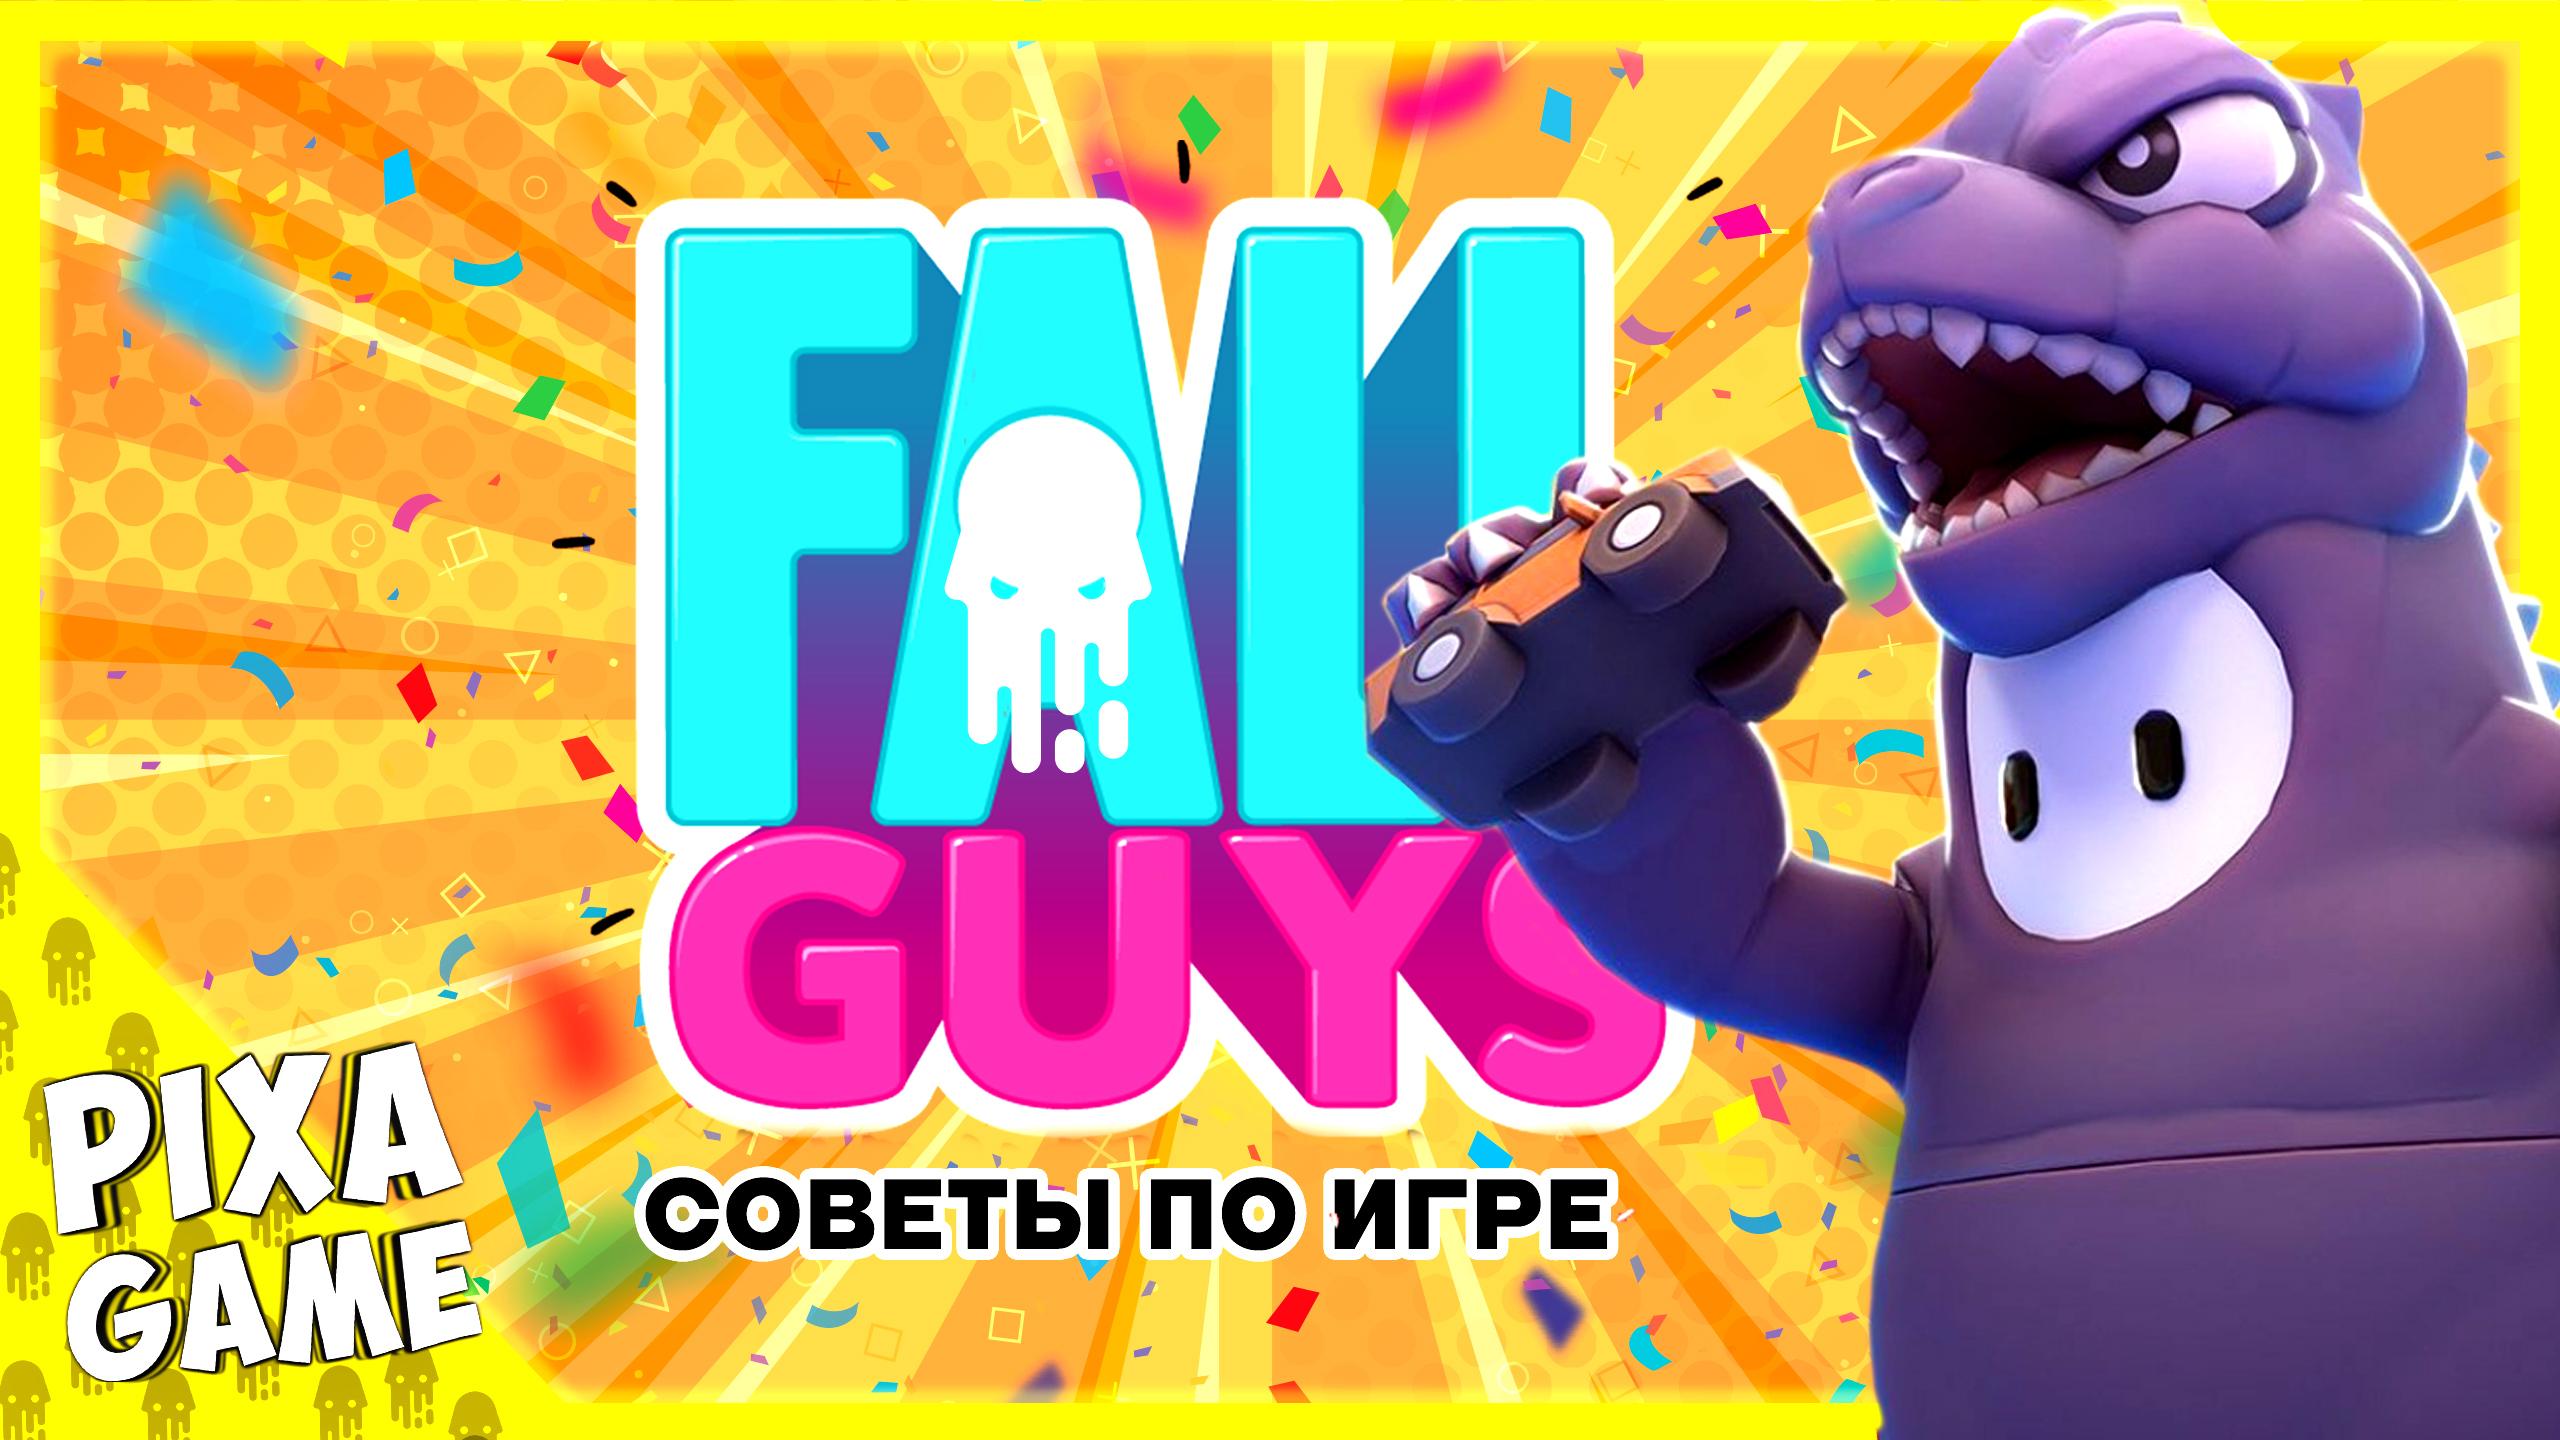 Лучший гайд по игре fall guys - все фишки для новичков